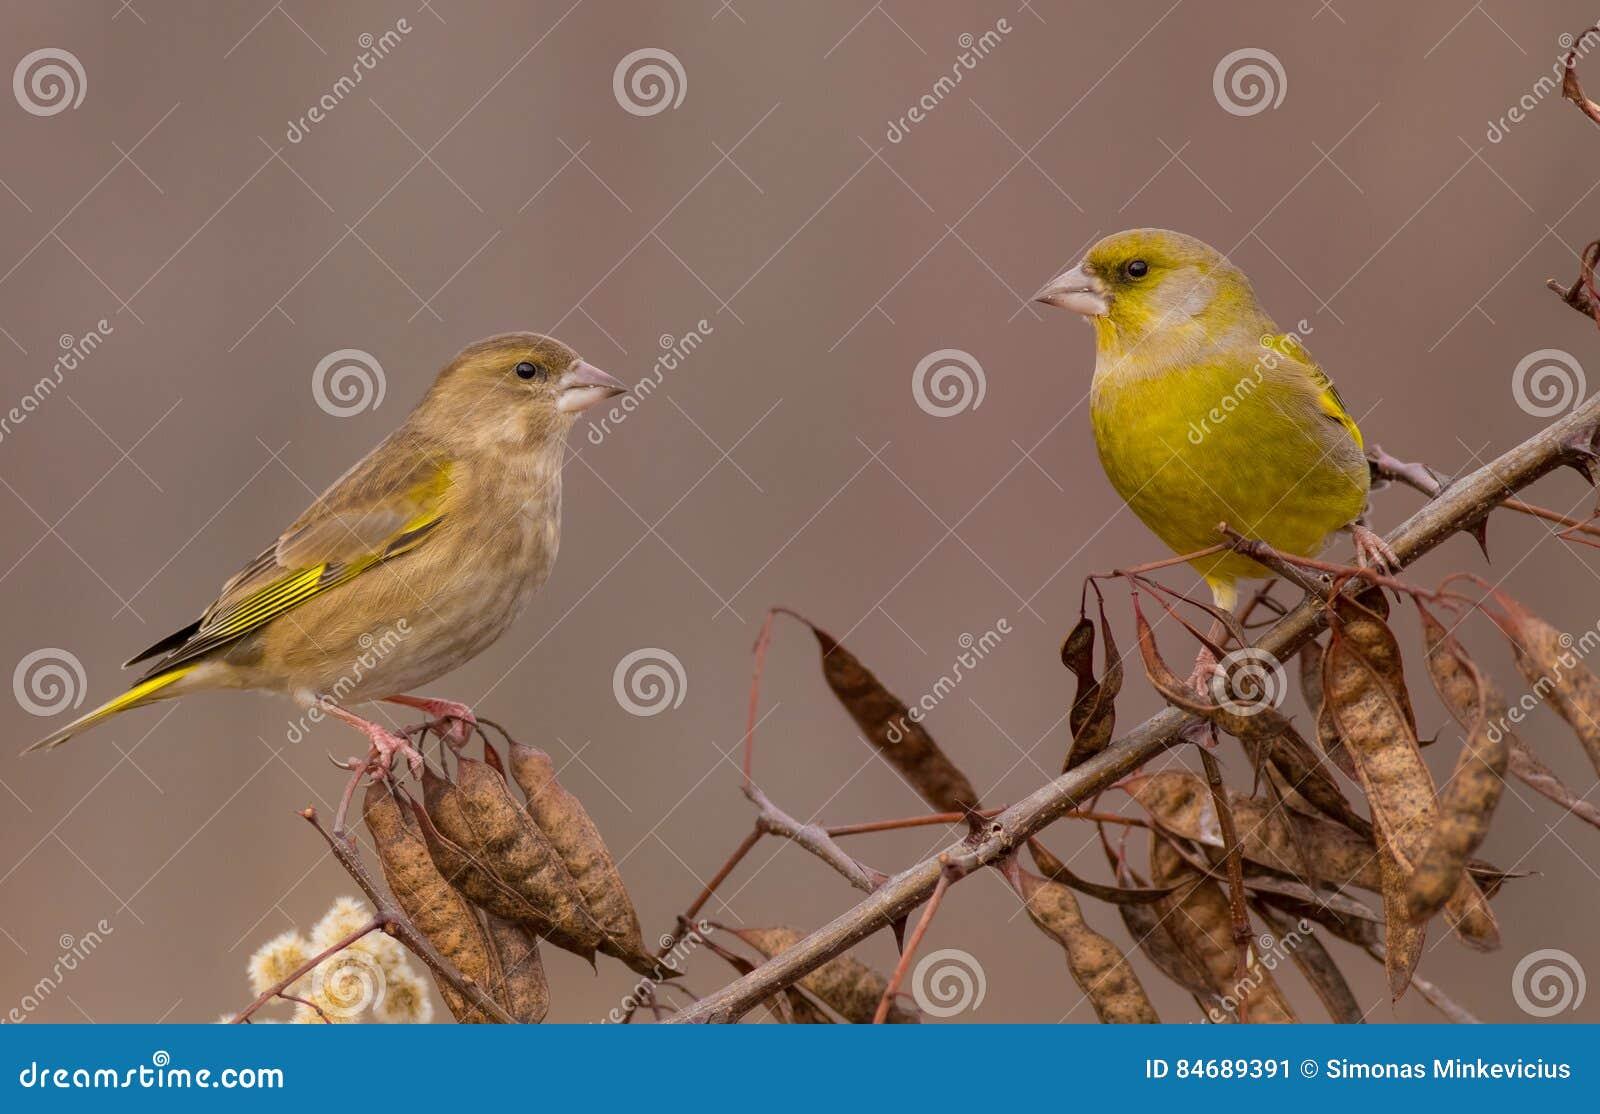 Ευρωπαϊκά chloris Greenfinch - Carduelis - ζευγάρι